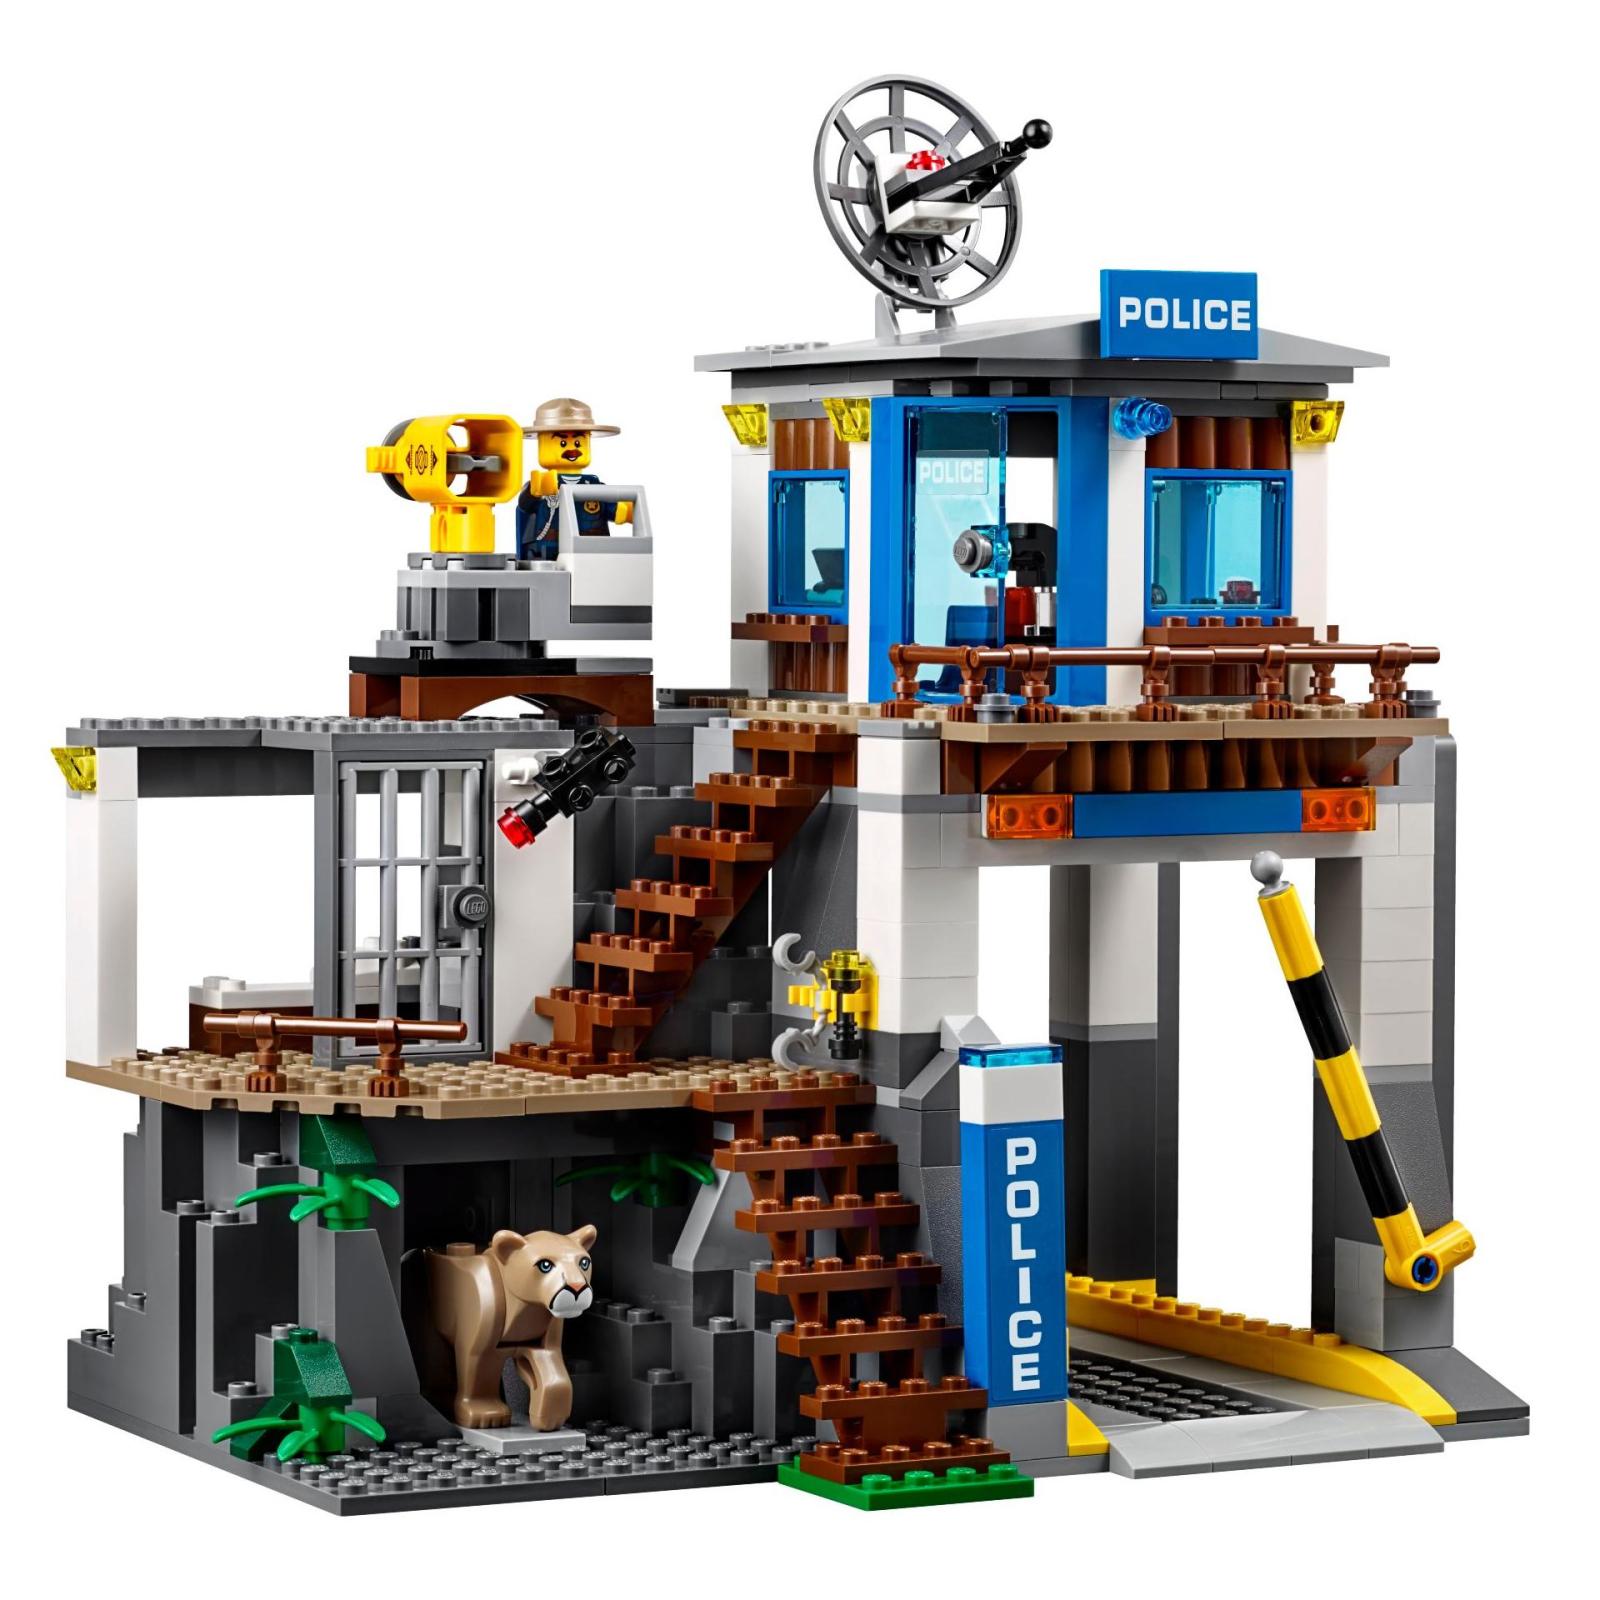 Конструктор LEGO City Police Штаб-квартира горной полиции (60174) изображение 3